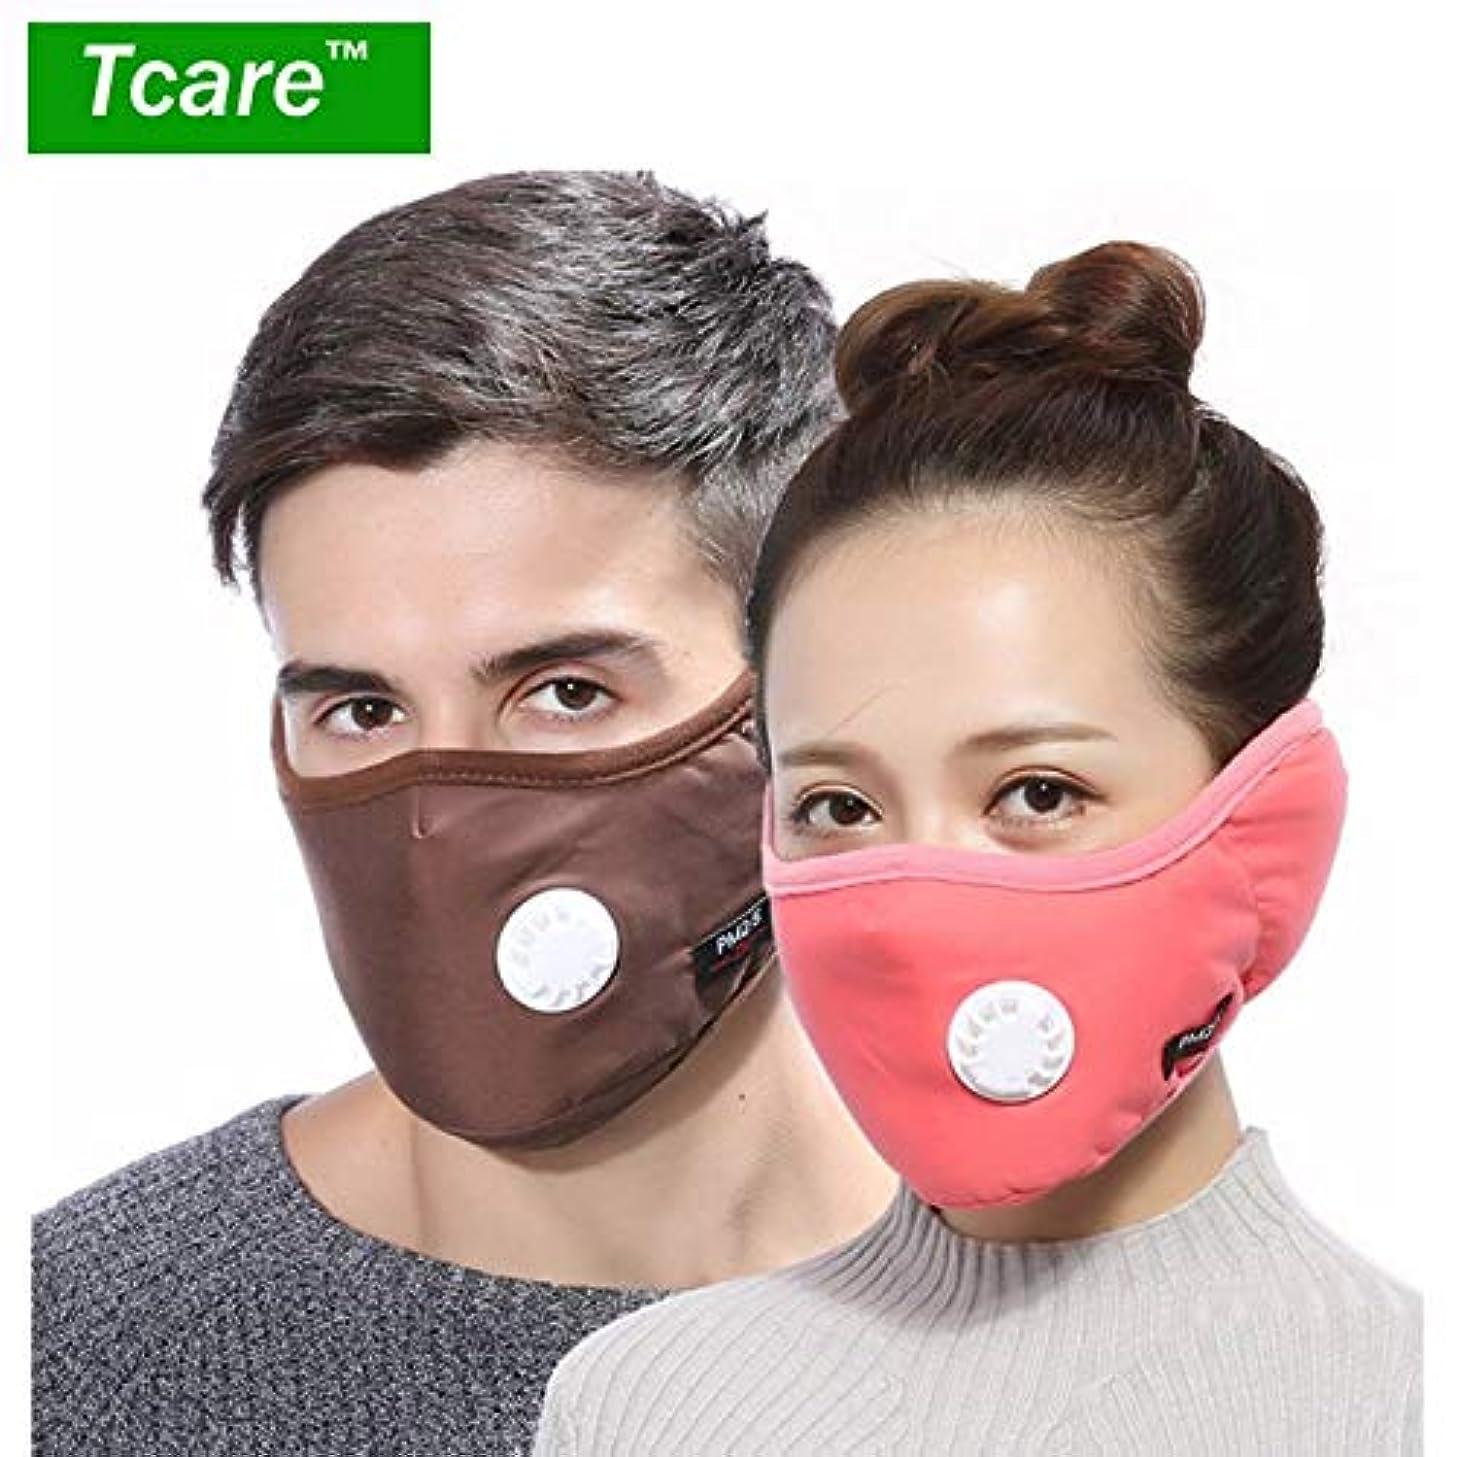 付録回転順応性のある8ダークピンク:1 PM2.5マスクバルブコットンアンチダスト口マスクの冬のイヤーマフActtedフィルター付マスクでTcare 2